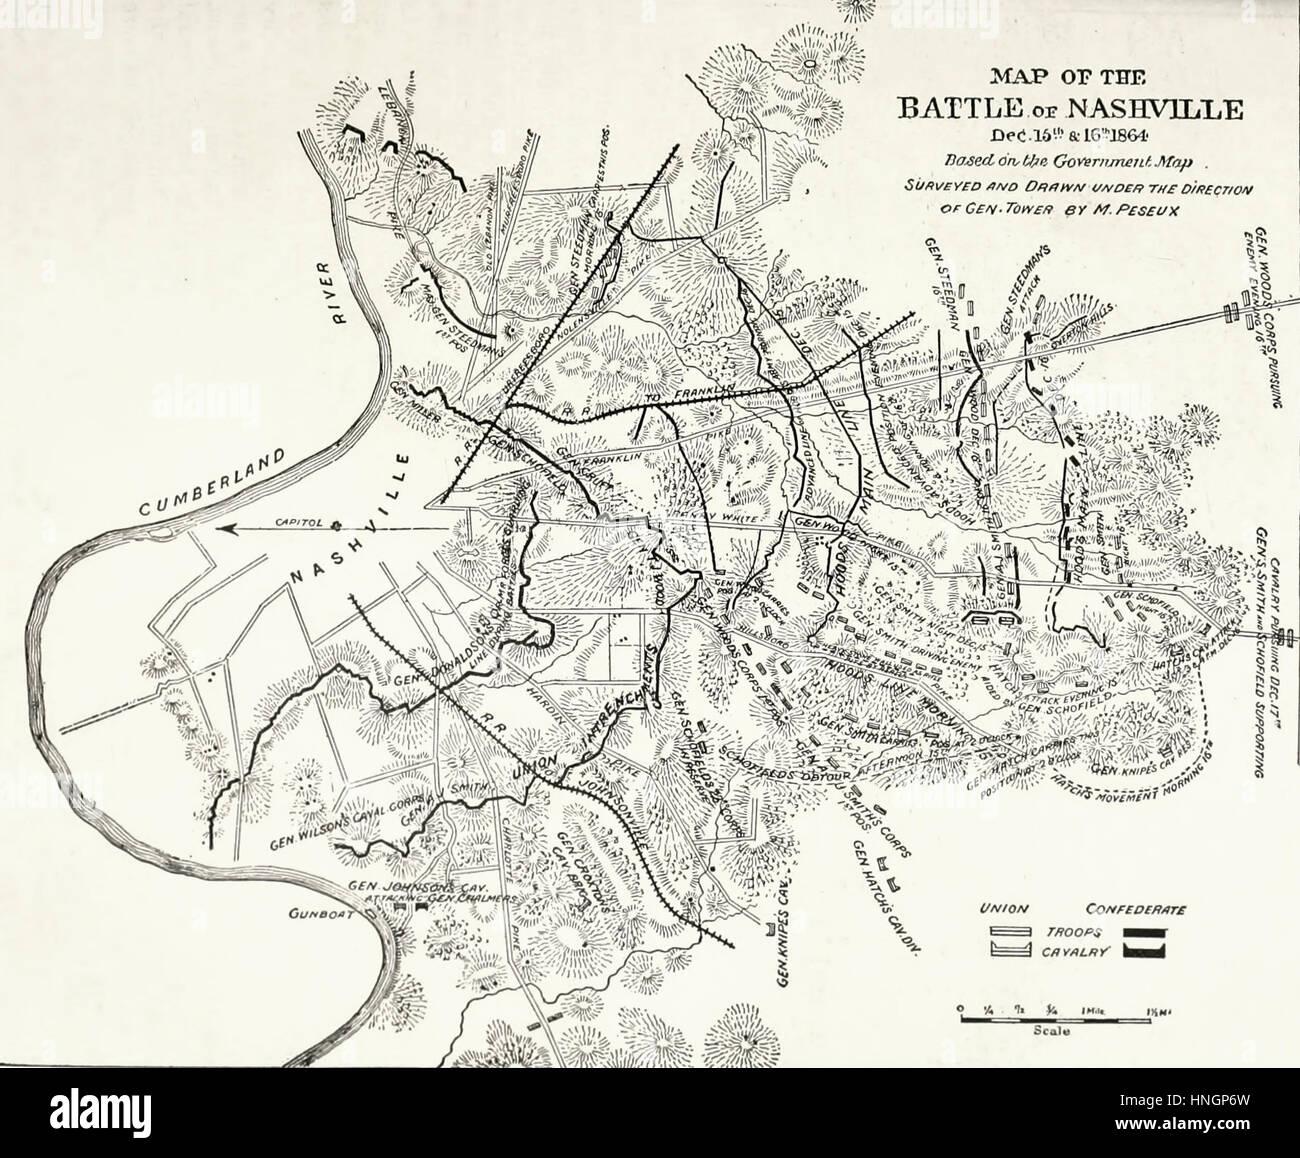 Mapa de la batalla de Nashville, el 15 y 16 de diciembre, 1864. Guerra Civil EE.UU. Imagen De Stock